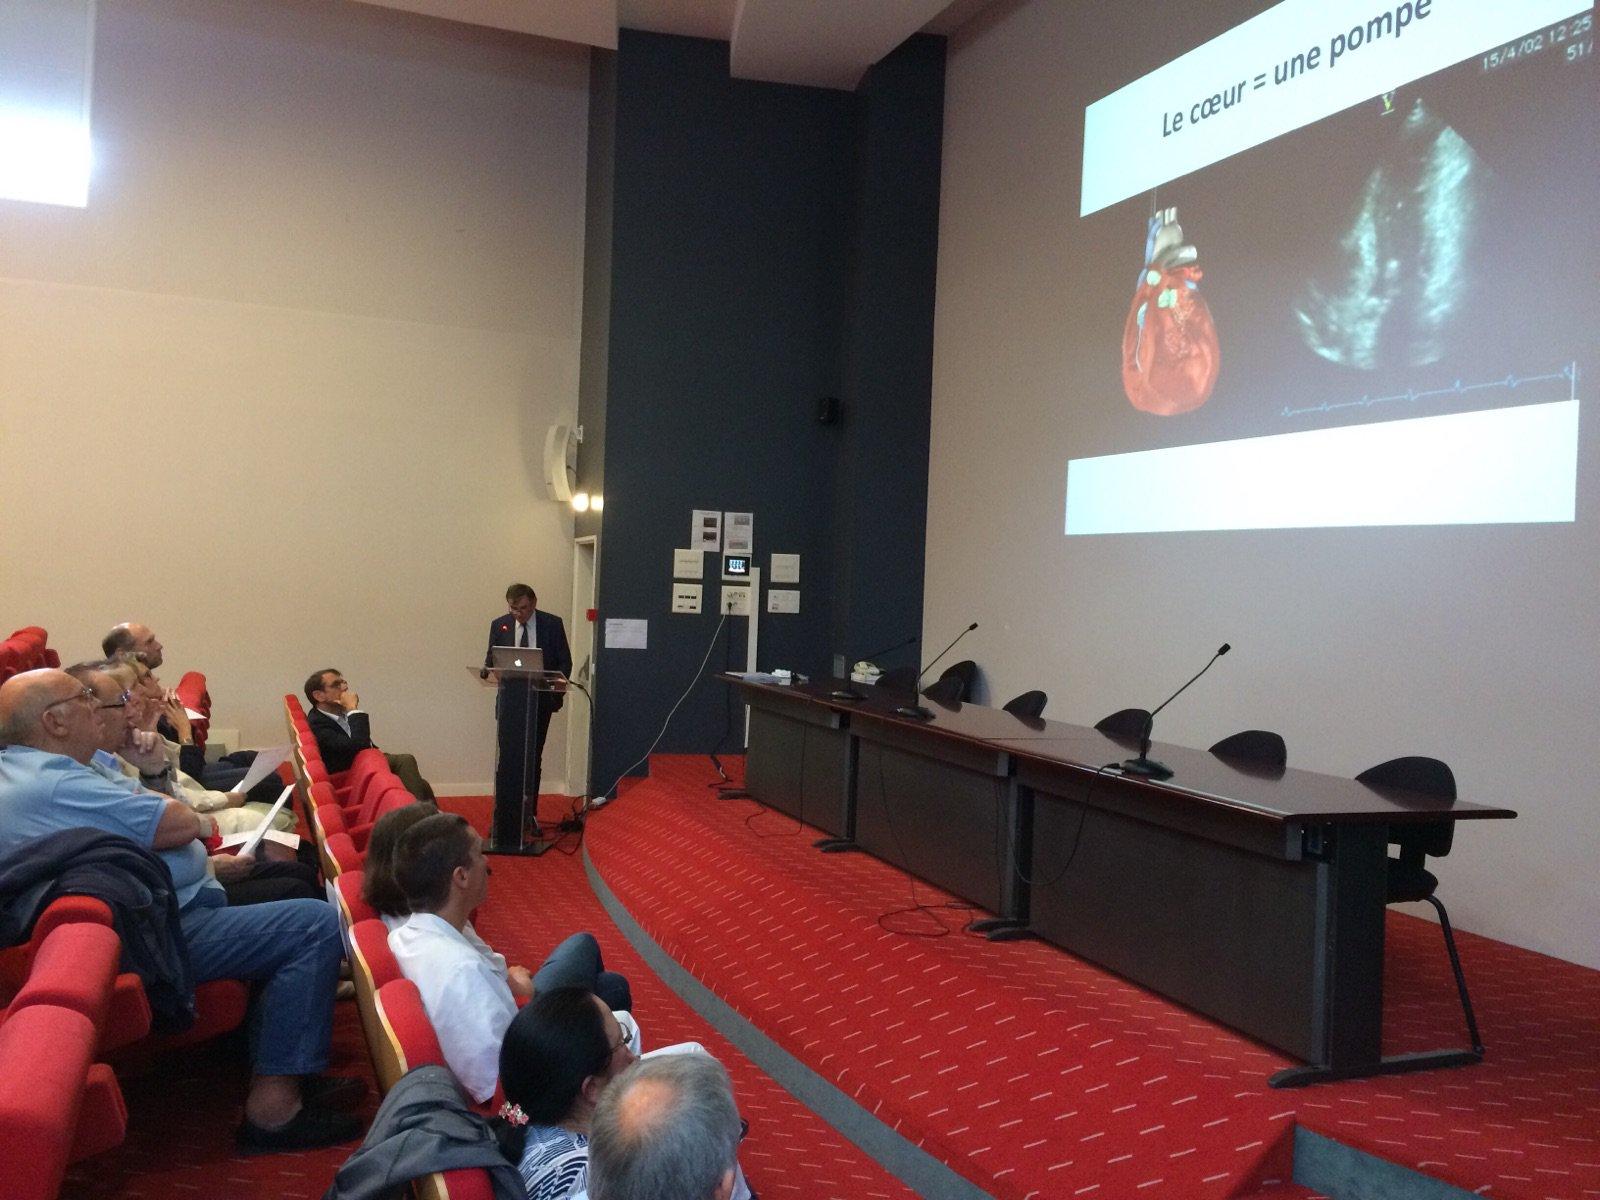 #Recherche transplantation cardiaque et assistance circulatoire mécanique : les chercheurs accueillaient auj des patients @Inserm @pidasilv https://t.co/MpcAraDYB5